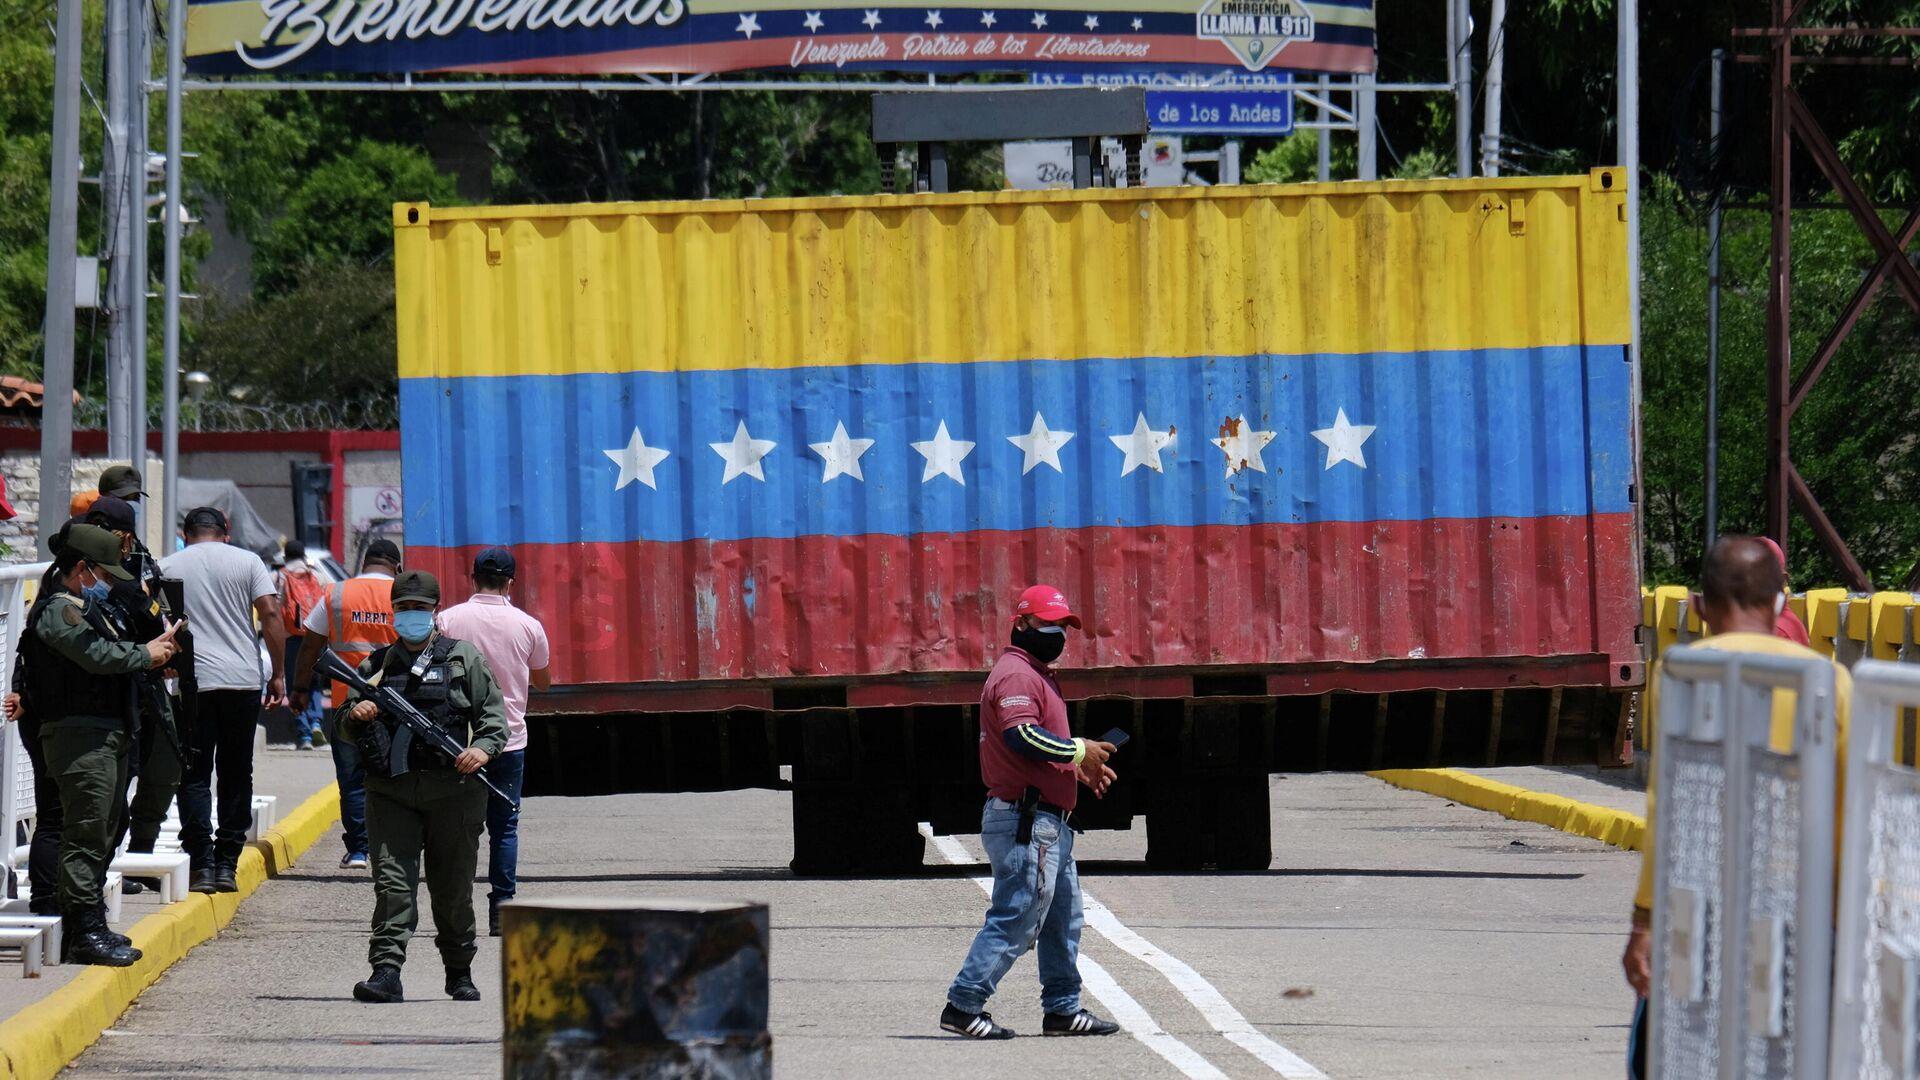 Apertura de frontera entre Colombia y Venezuela - Sputnik Mundo, 1920, 06.10.2021